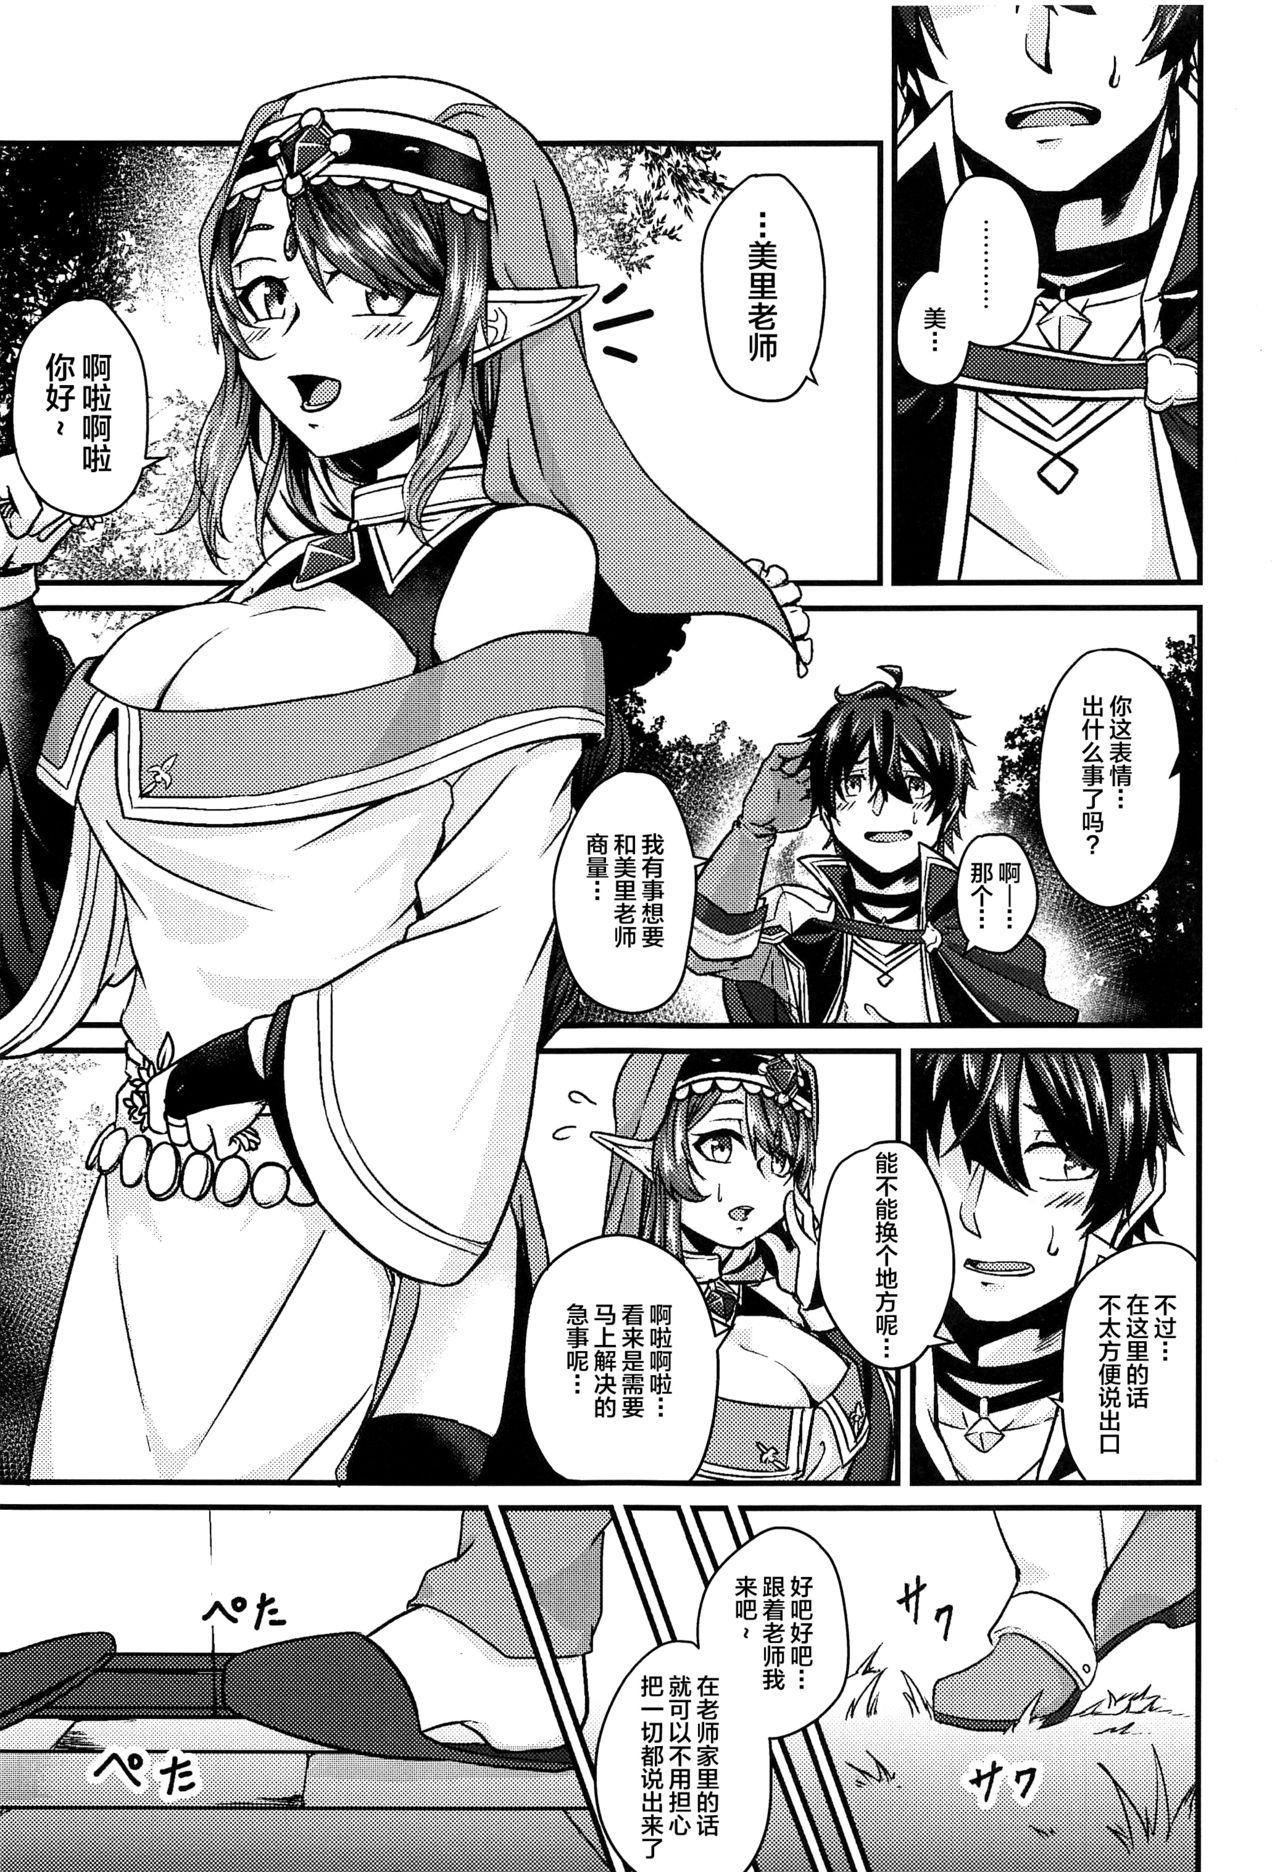 Oshiete Kudasai! Misato-sensei! 1